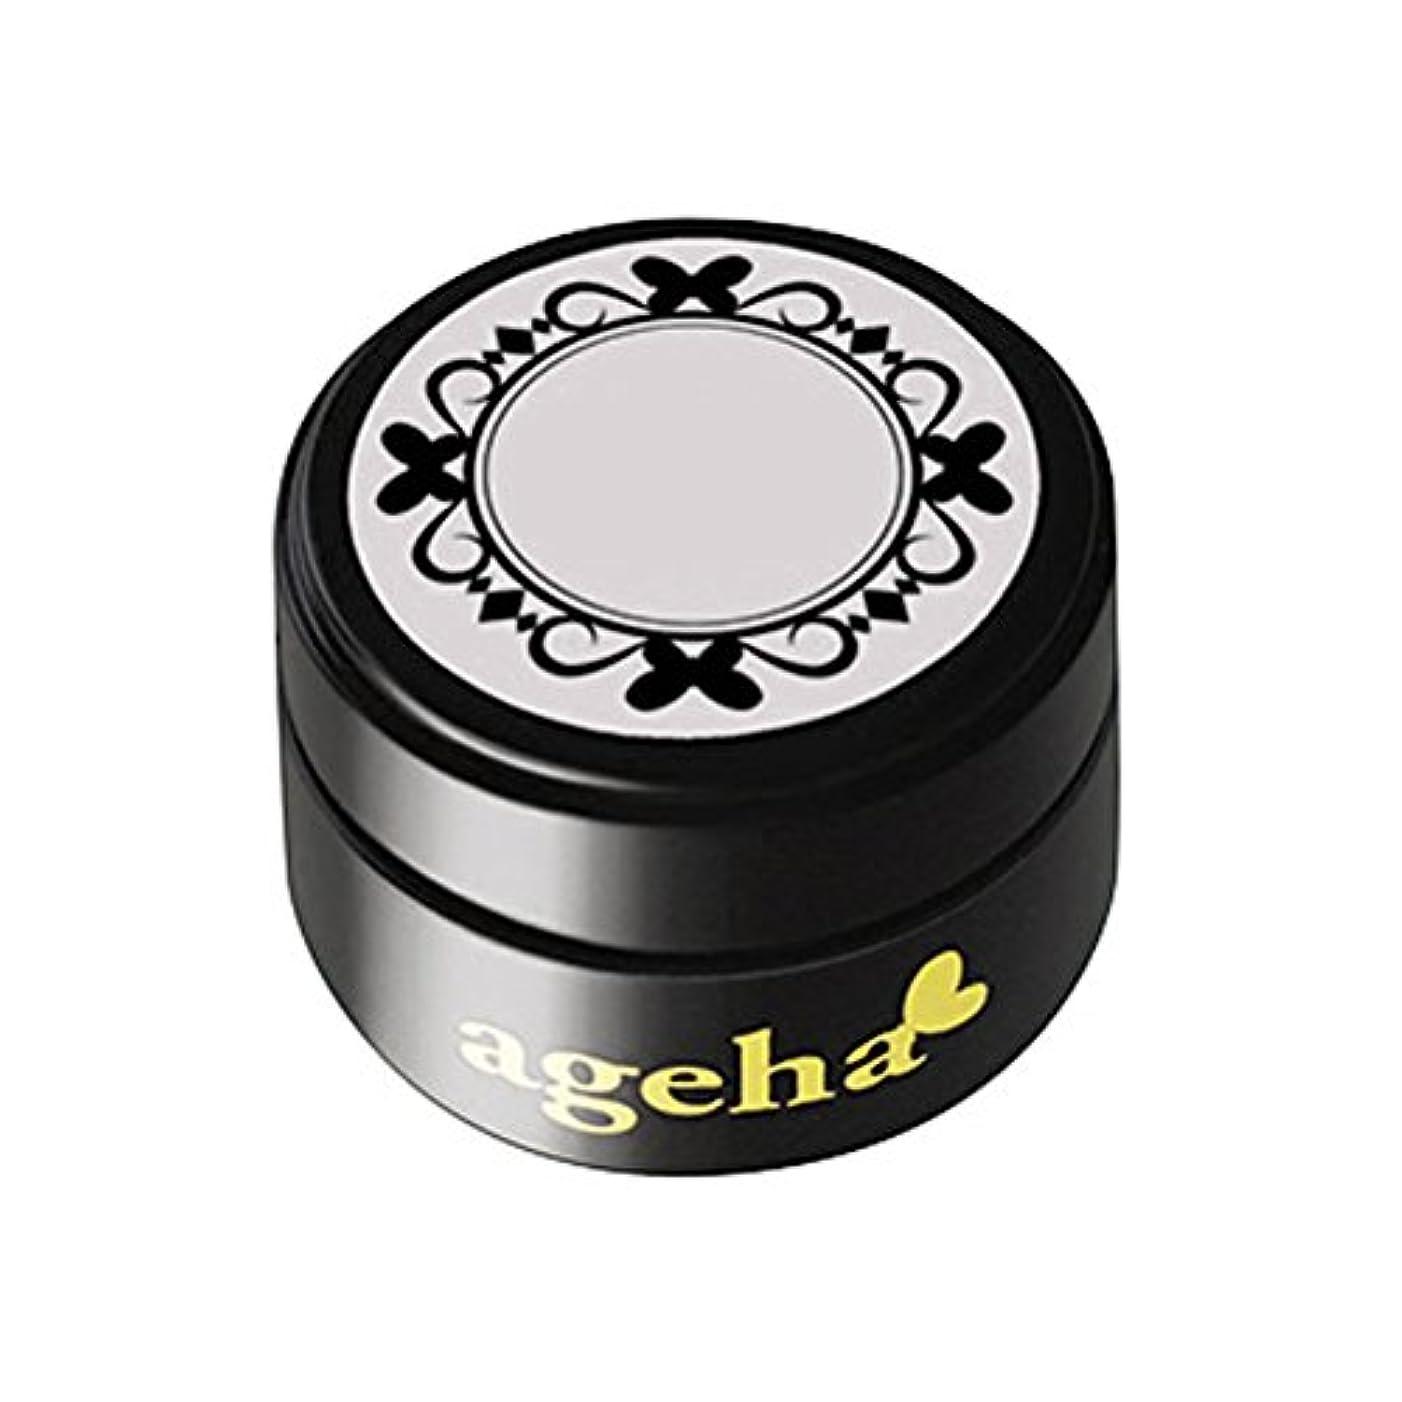 曲塩辛い偏見ageha gel カラージェル コスメカラー 101 ウォルナット 2.7g UV/LED対応